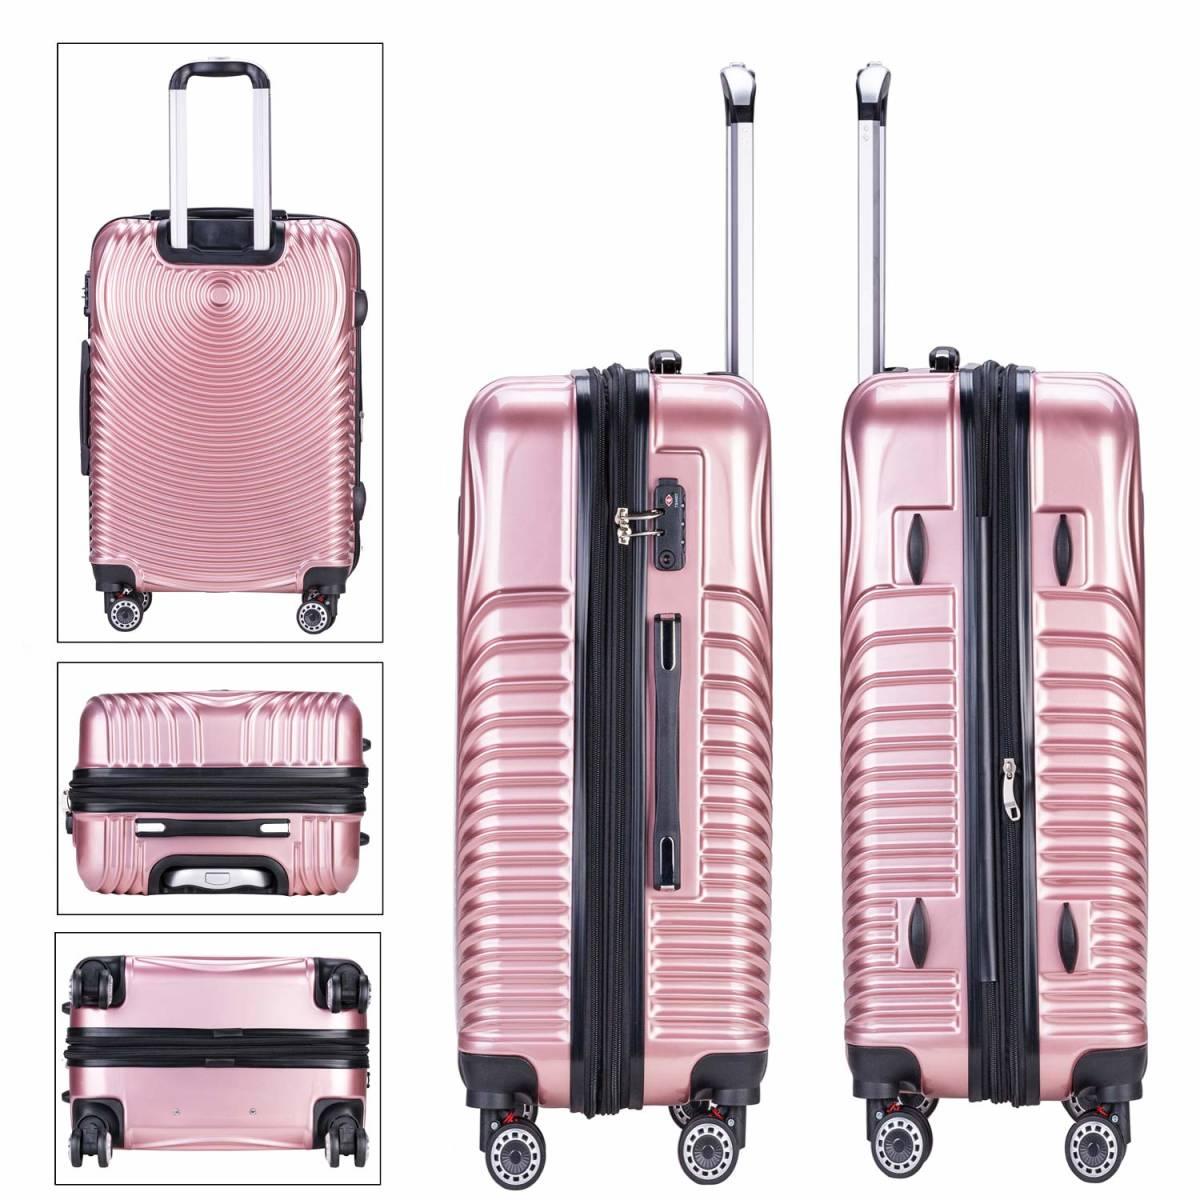 [TTOバリジェリア]TTOvaligeria スーツケース S機内持込 大型軽量 容量拡張 TSAロック搭載 静音 旅行用品 (S ローズゴールド)_画像3